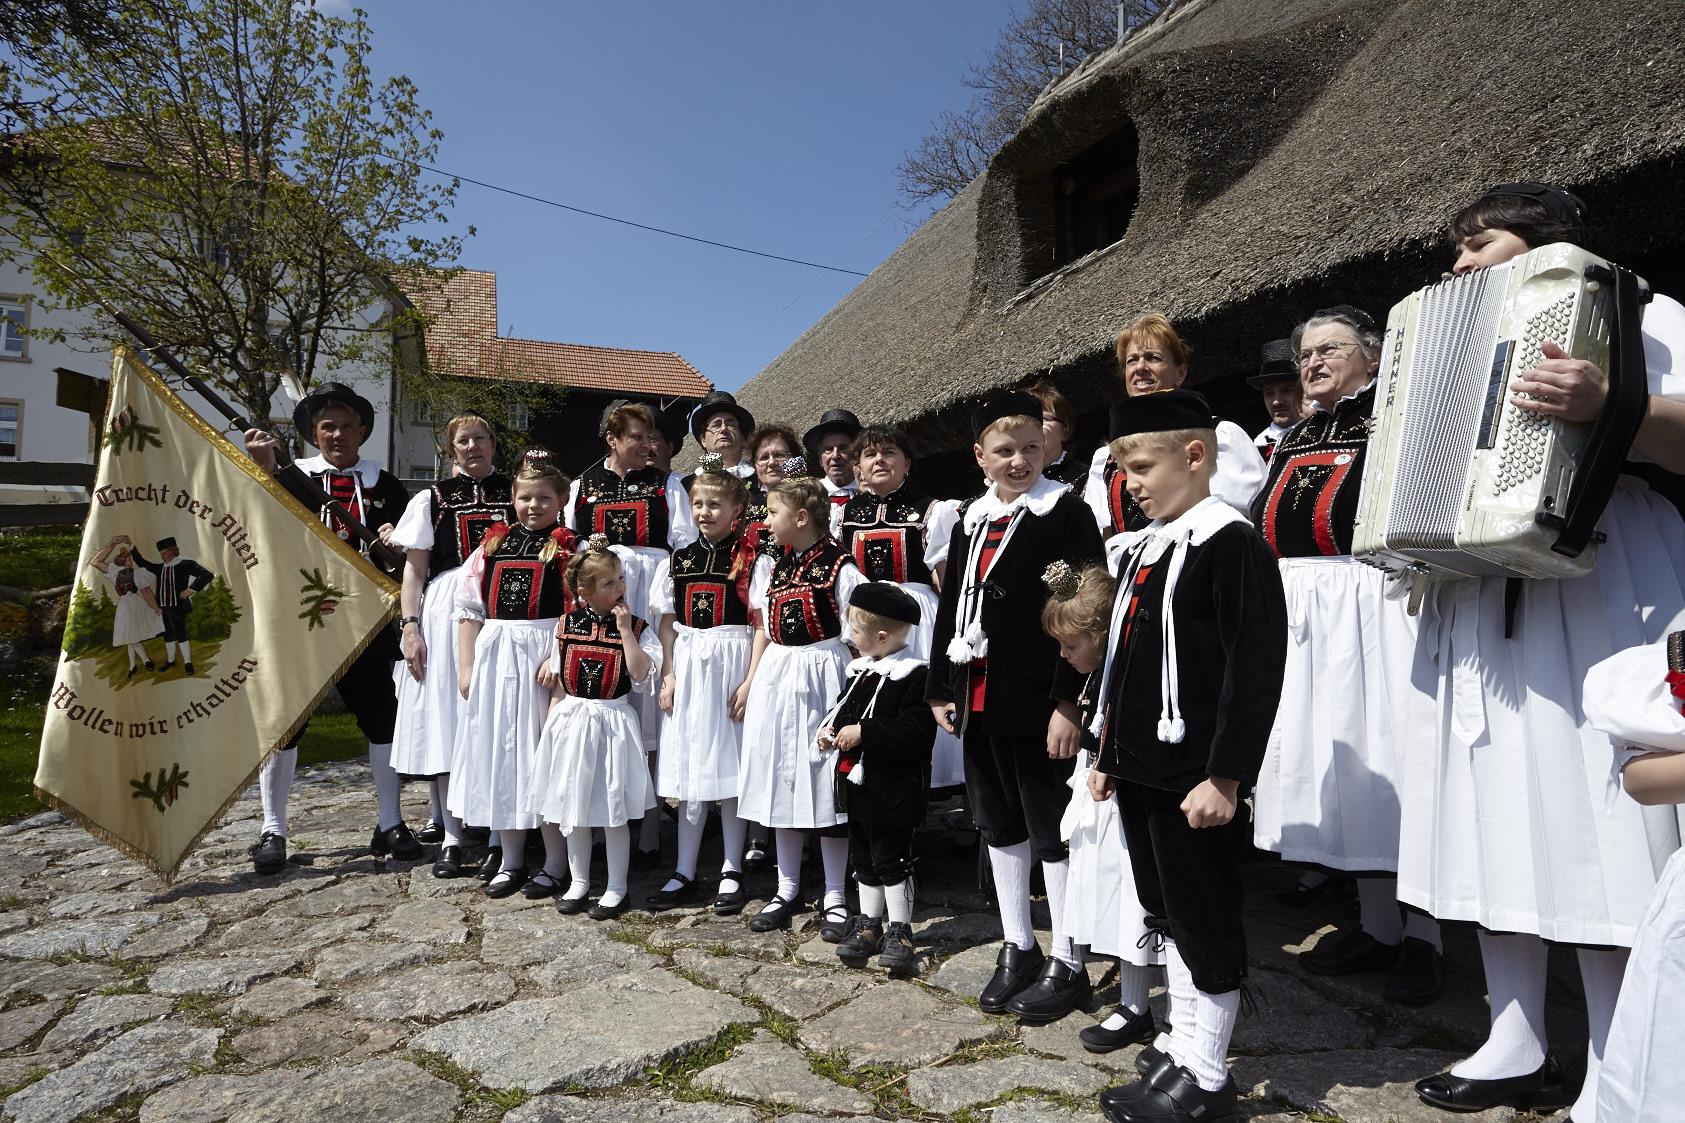 Trachtenvereinigung Alt Hotzenwald Klausenhof